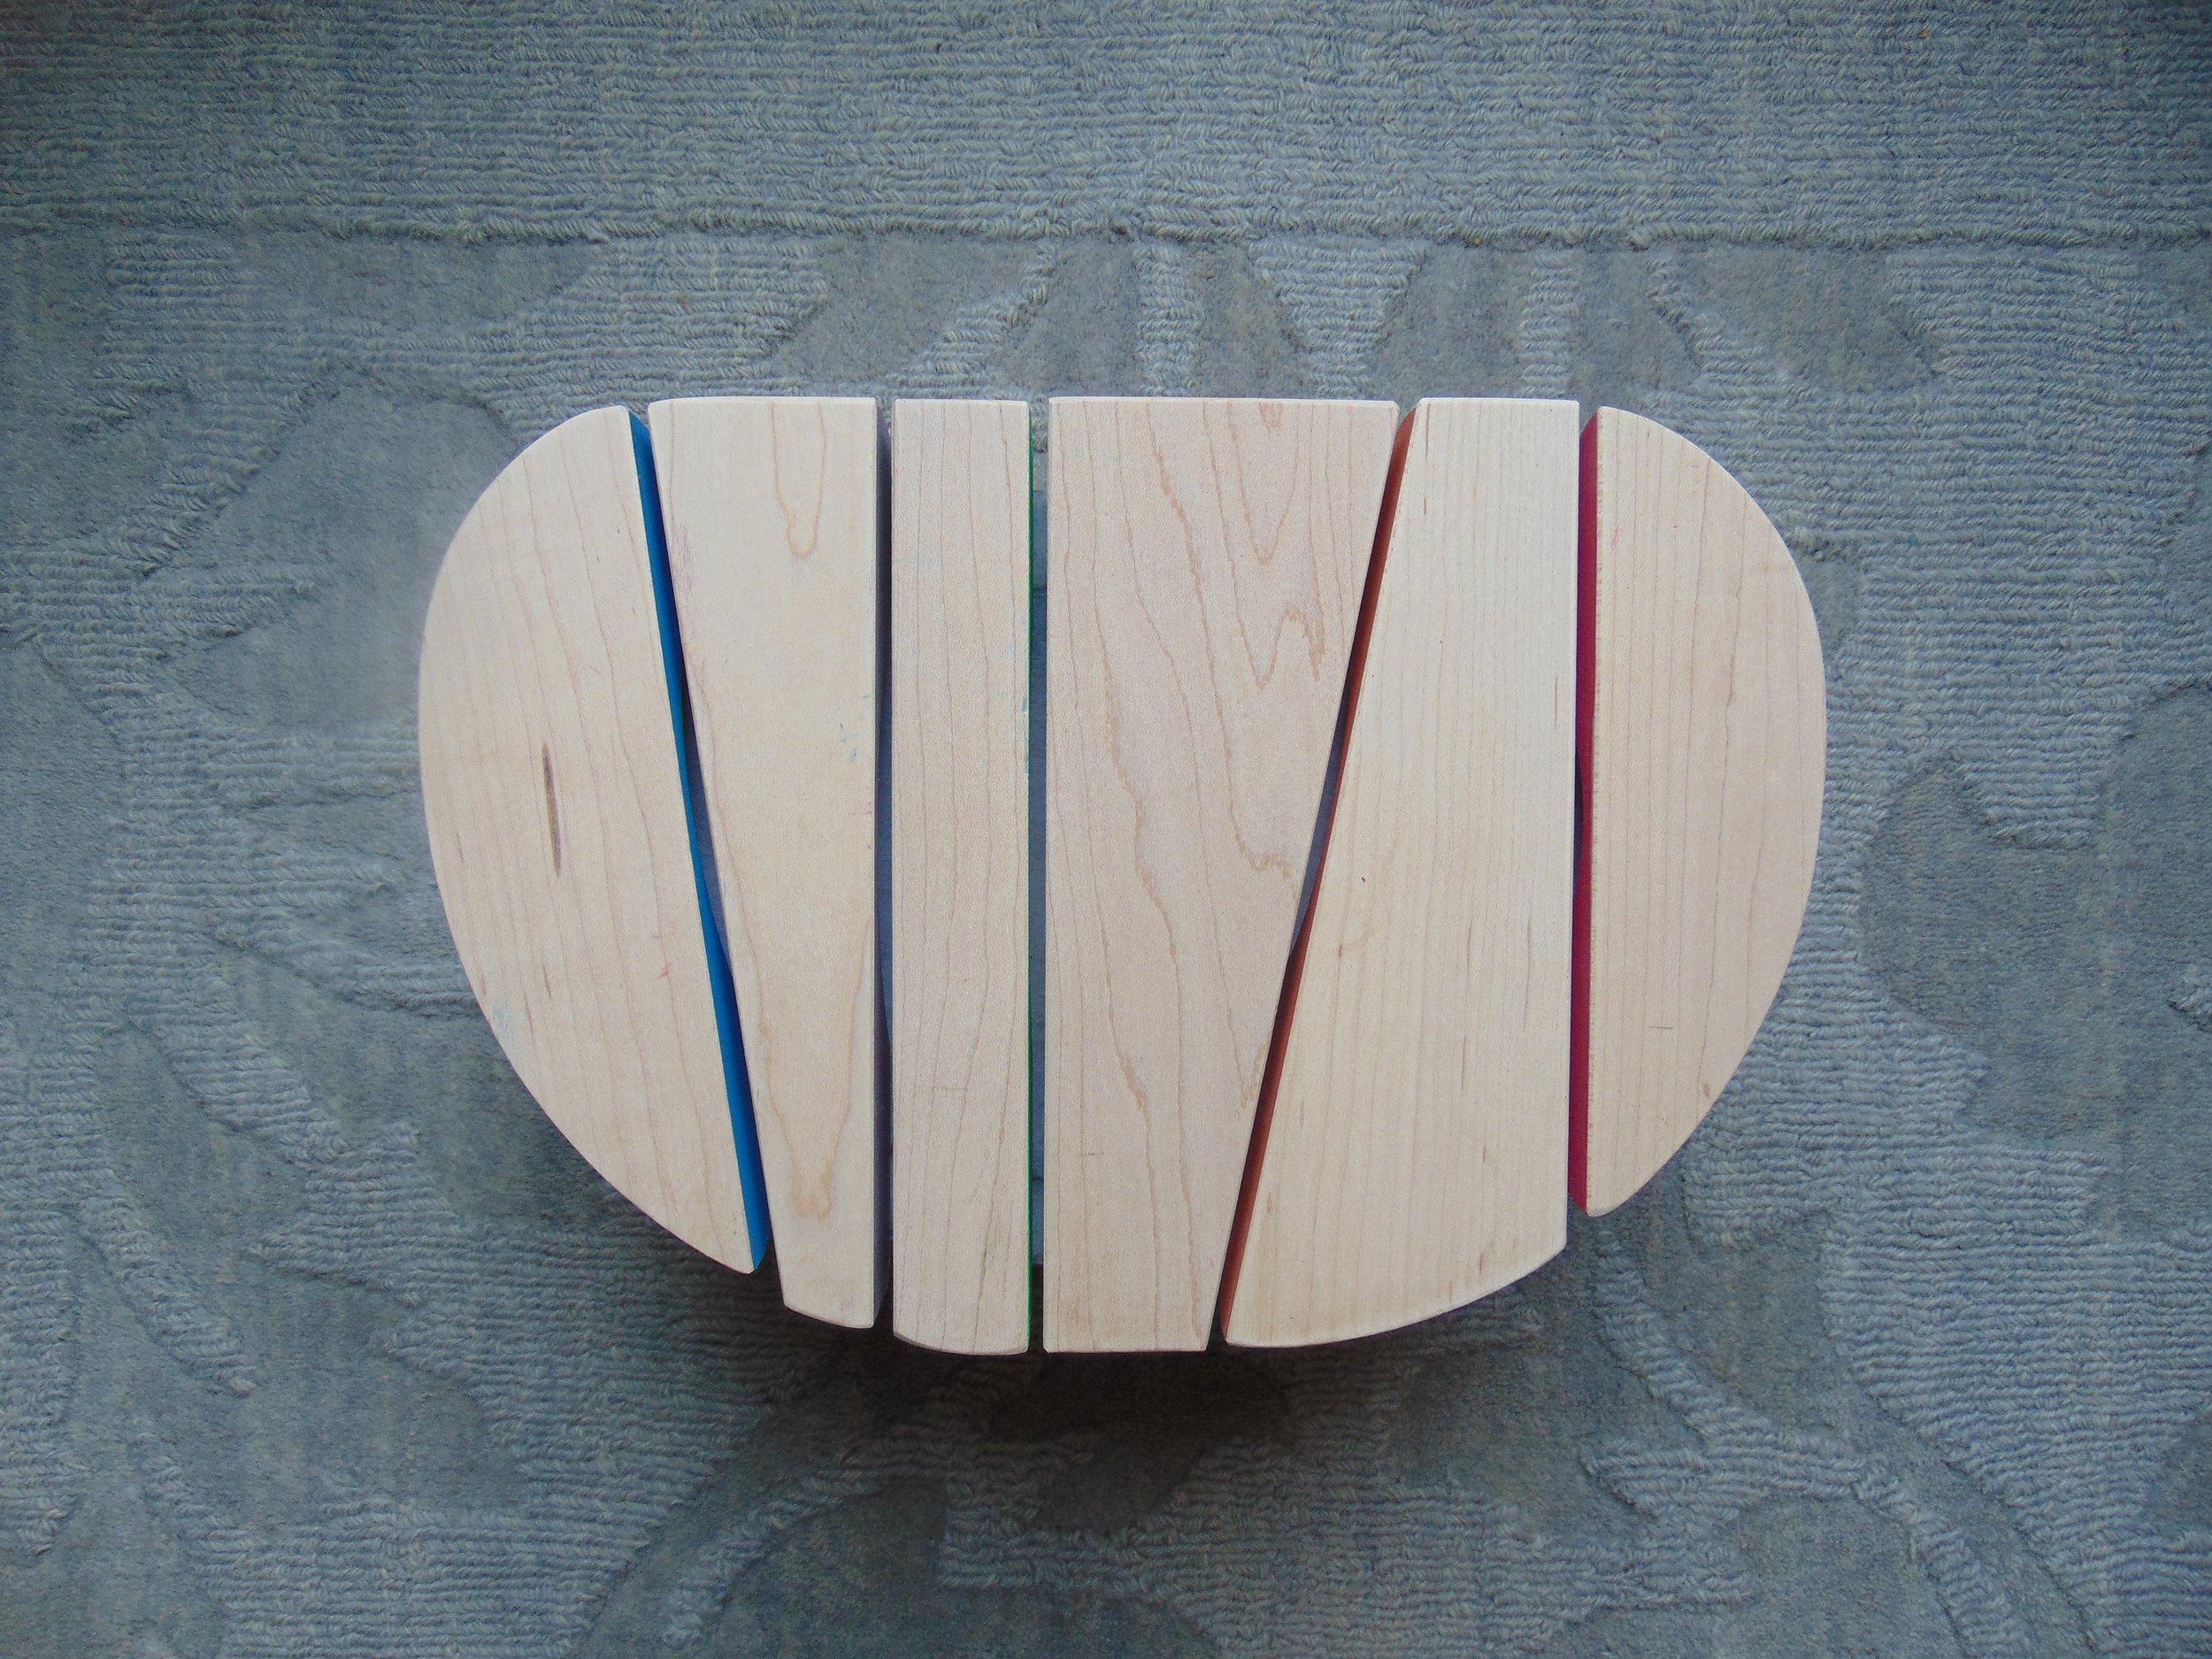 SP16_Xylostool (Wood II)_Zoë Ene_01.jpg